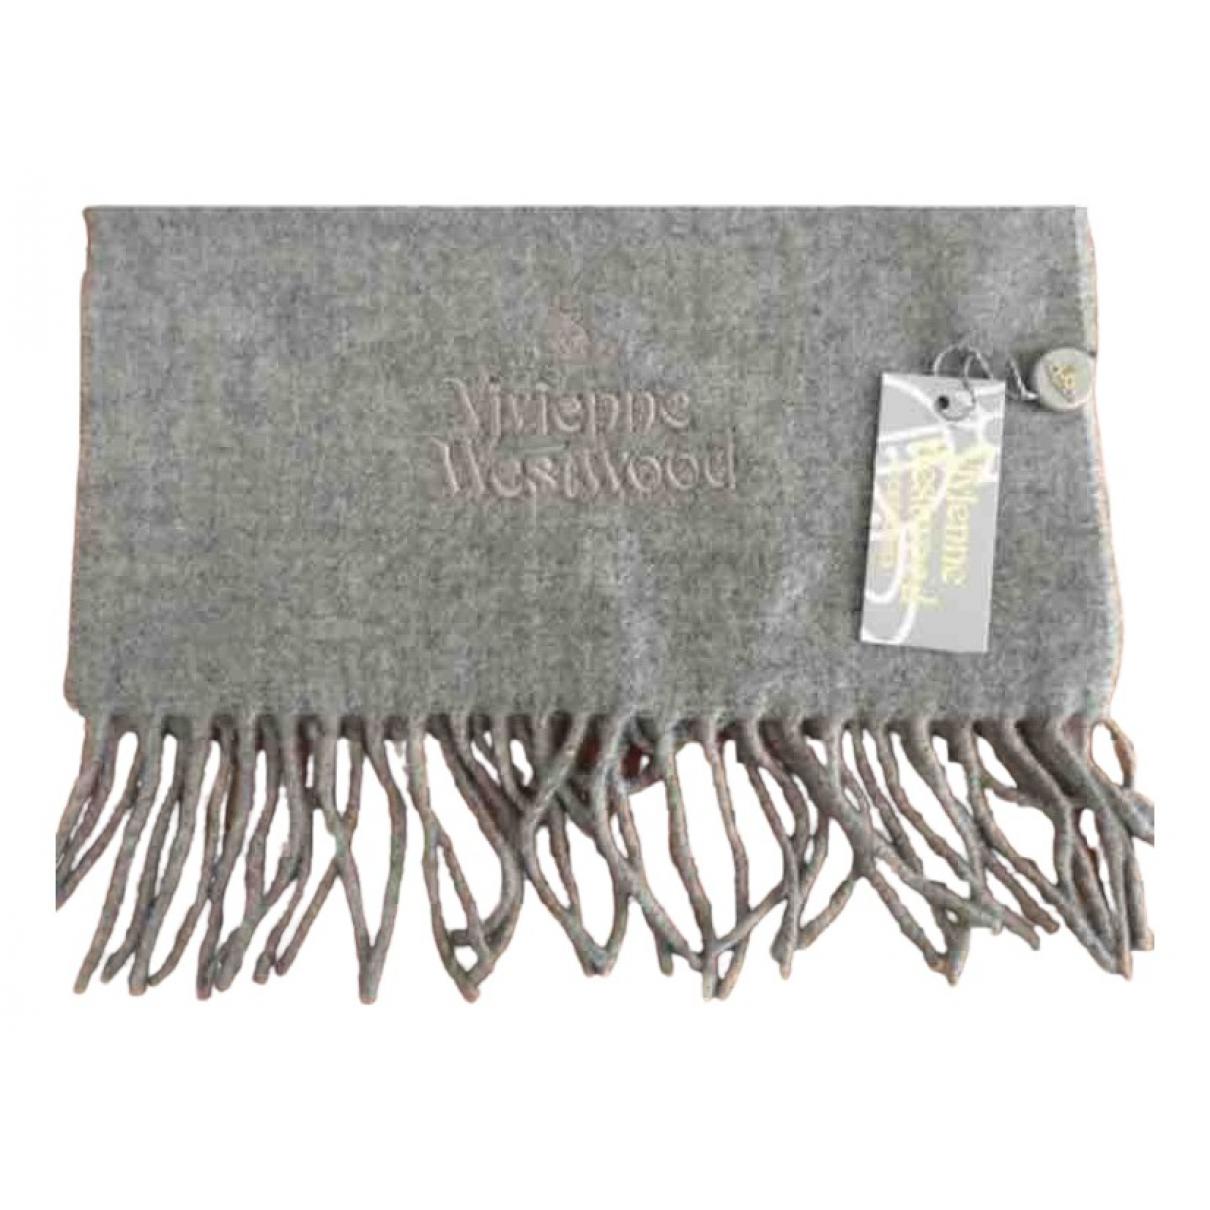 Vivienne Westwood - Cheches.Echarpes   pour homme en laine - gris